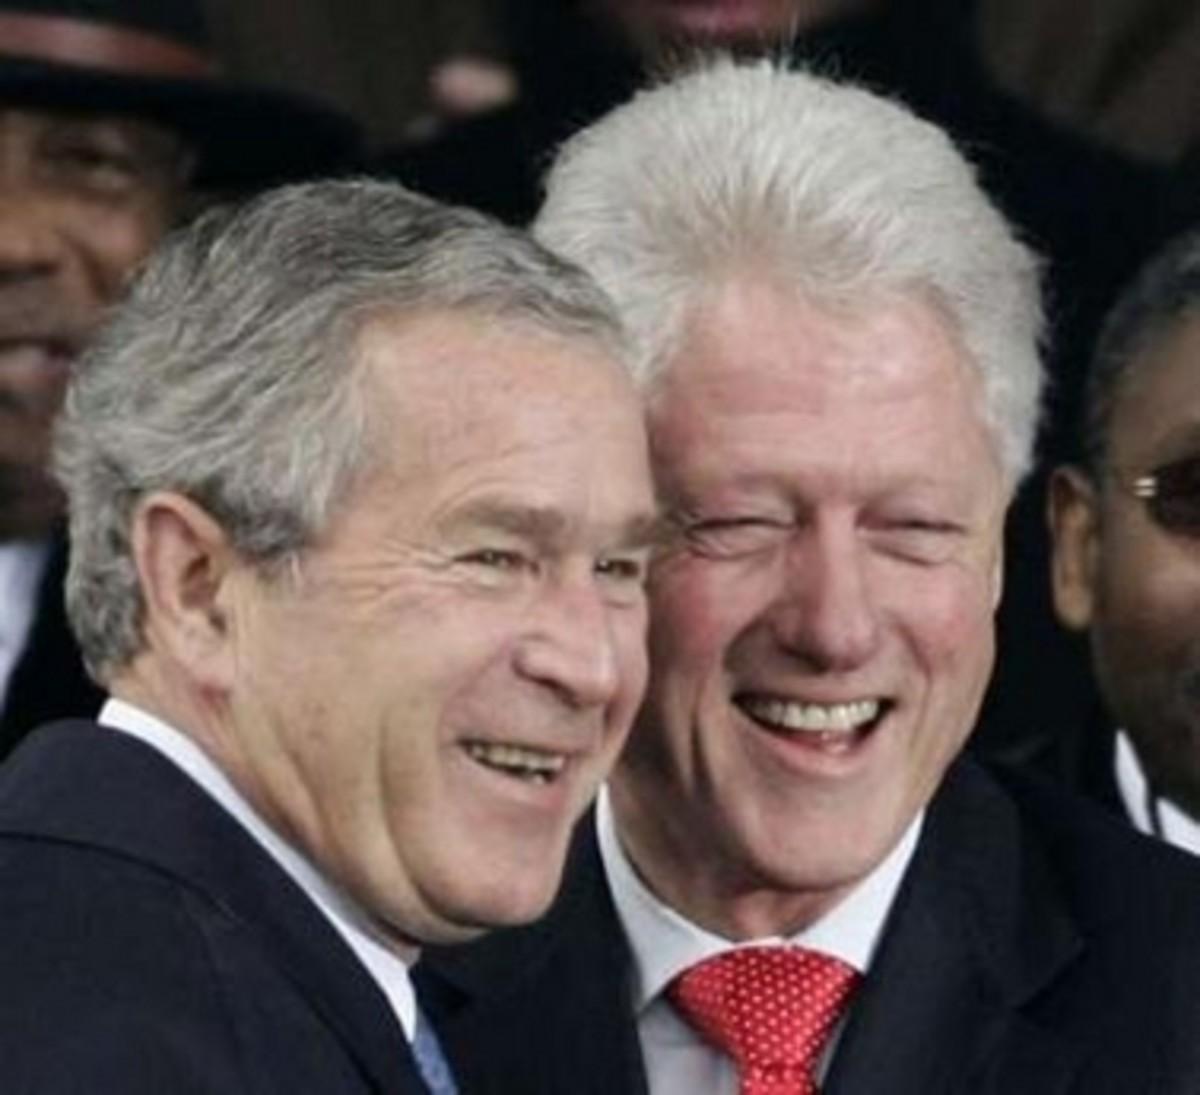 lihatlah wajah mereka..ada persamaan?!